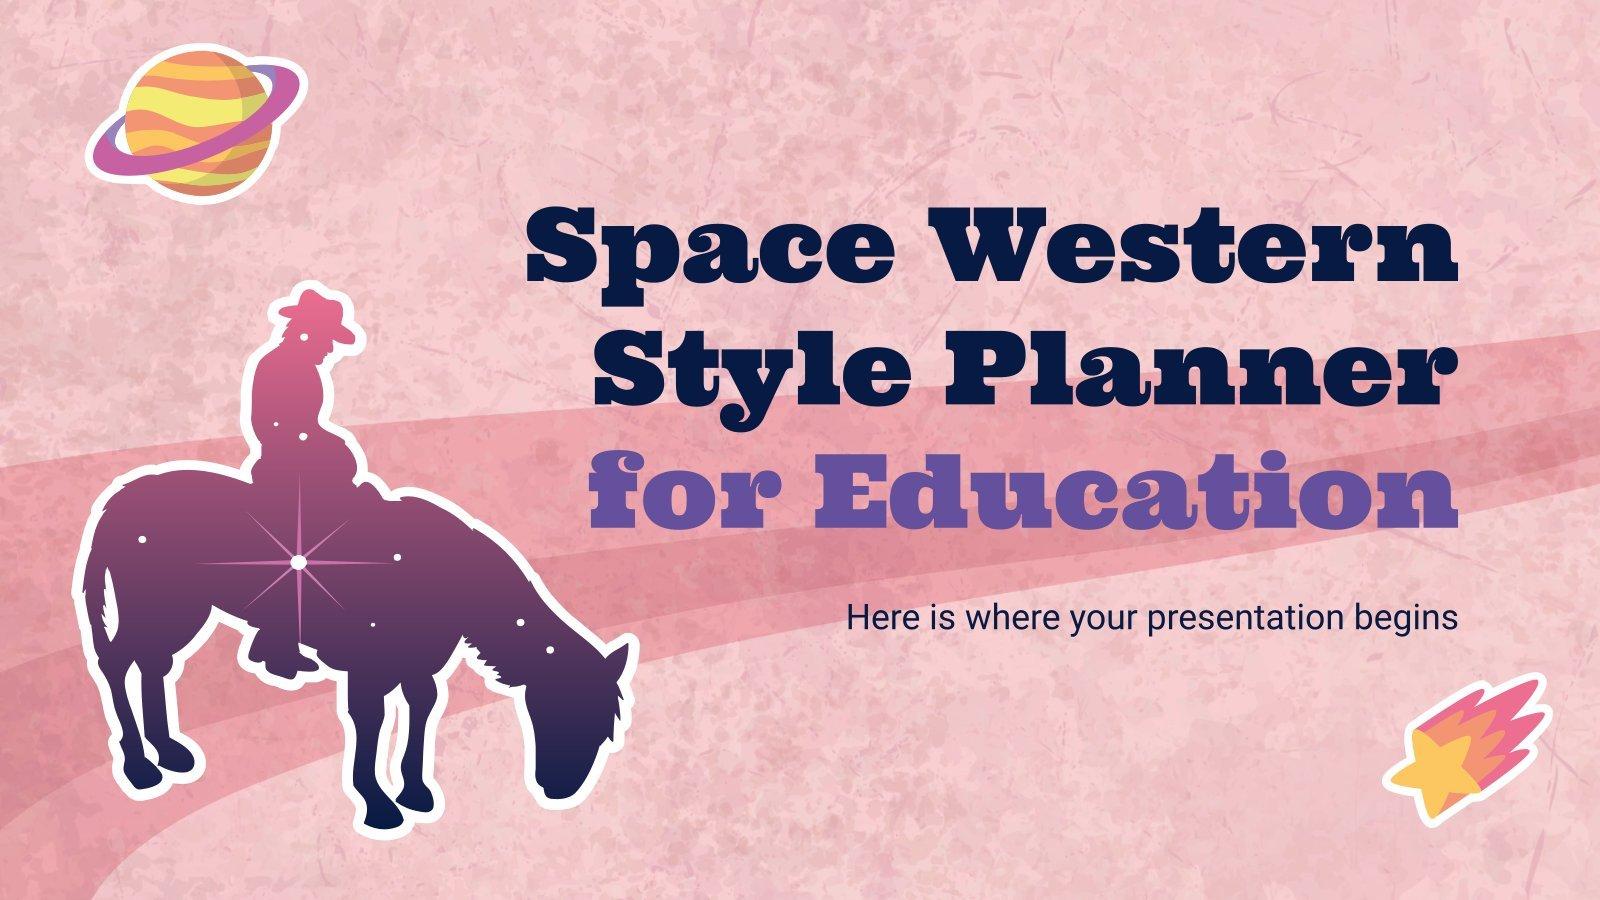 Plantilla de presentación Planner educativo estilo oeste galáctico